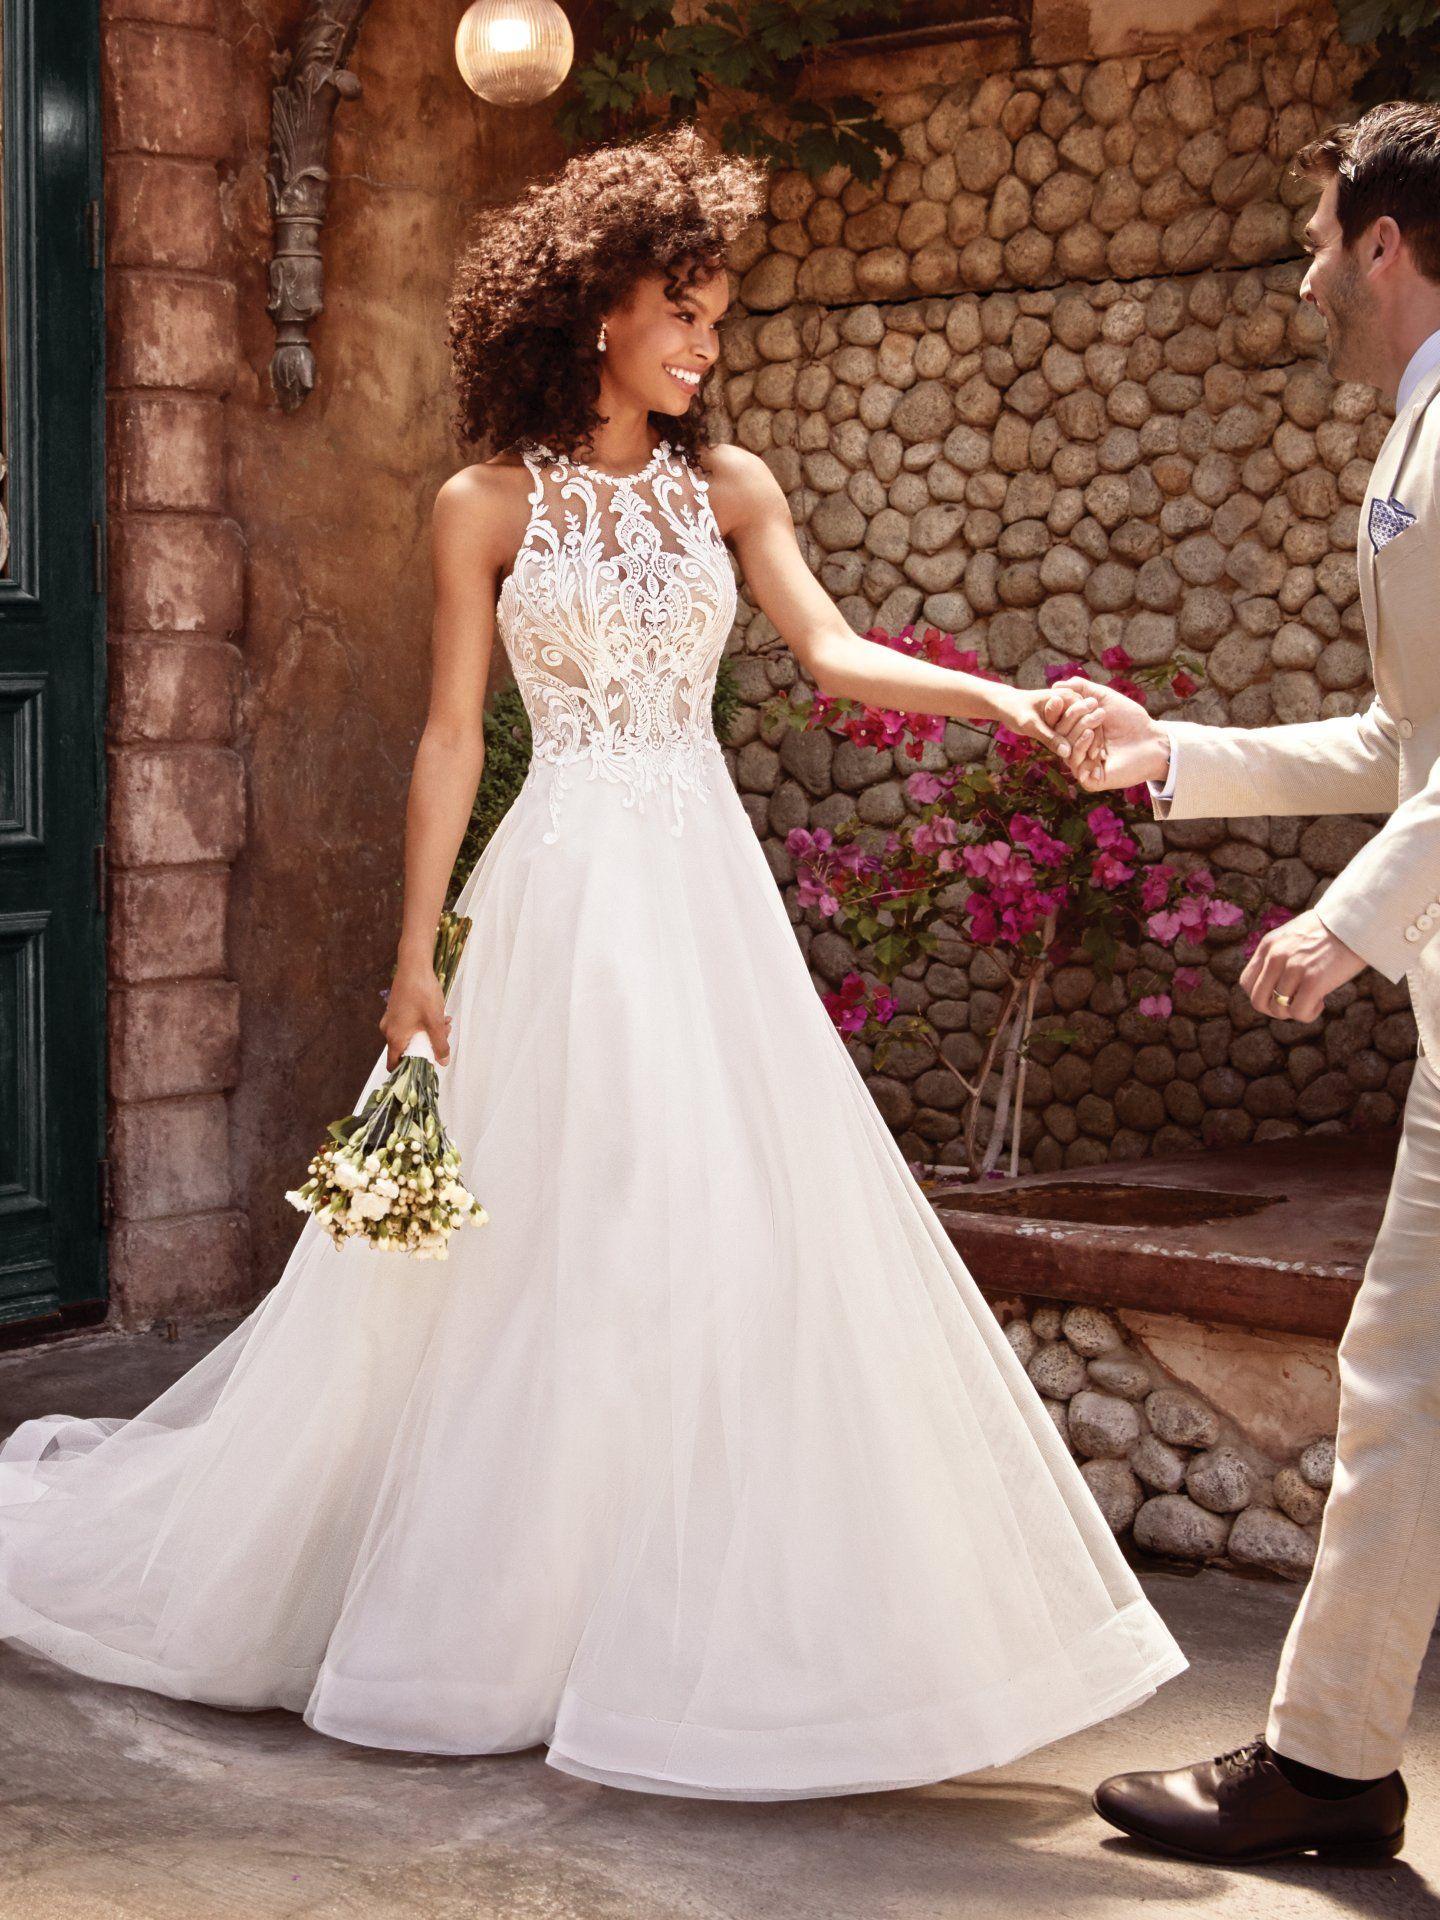 Maggie Sottero Wedding Dresses  Kleid hochzeit, Hochzeitskleid